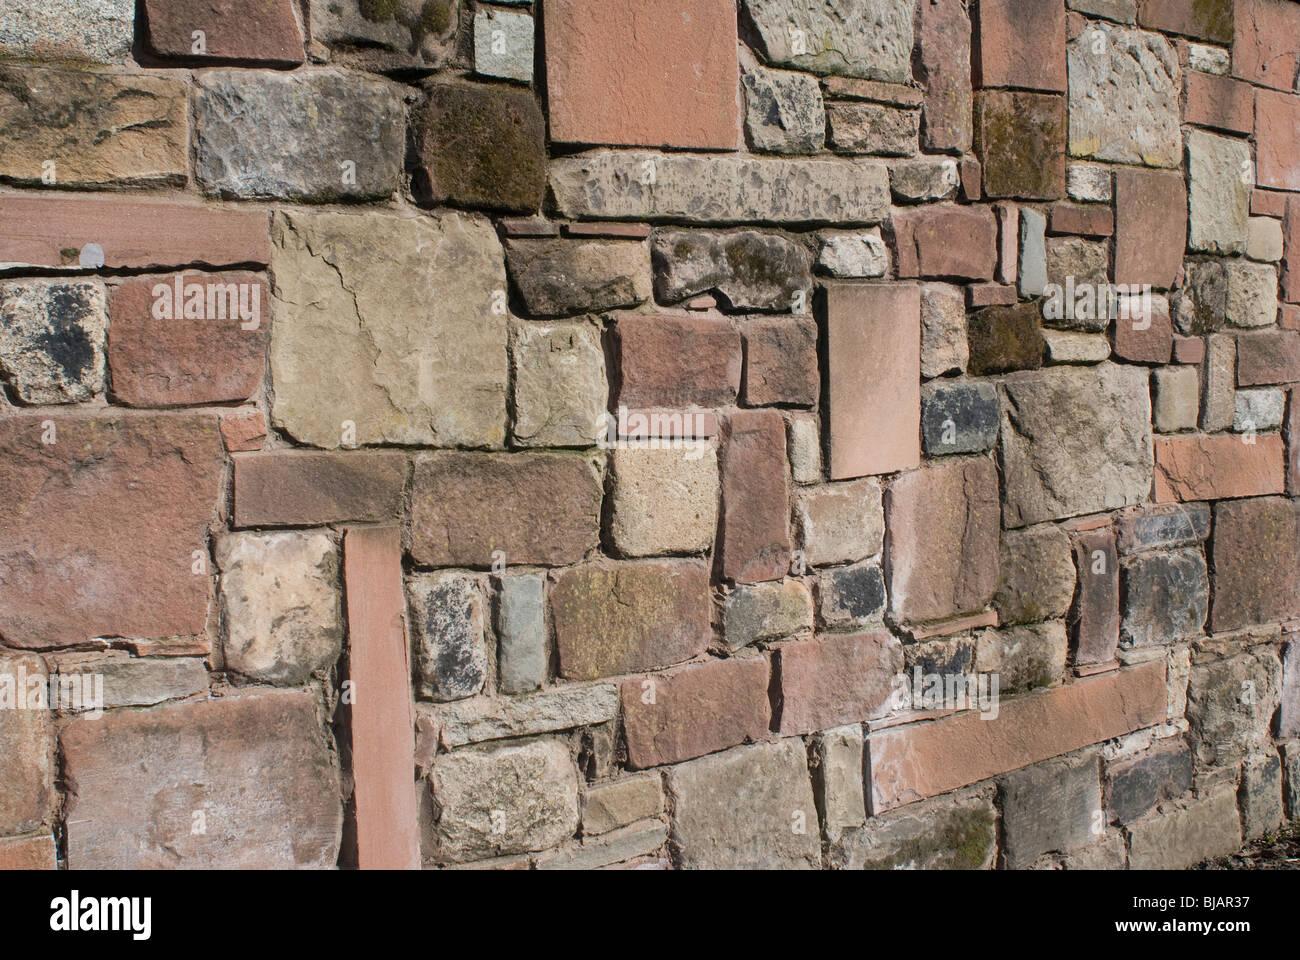 Un solido muro di pietra di pietra arenaria calcare e granito. Immagini Stock